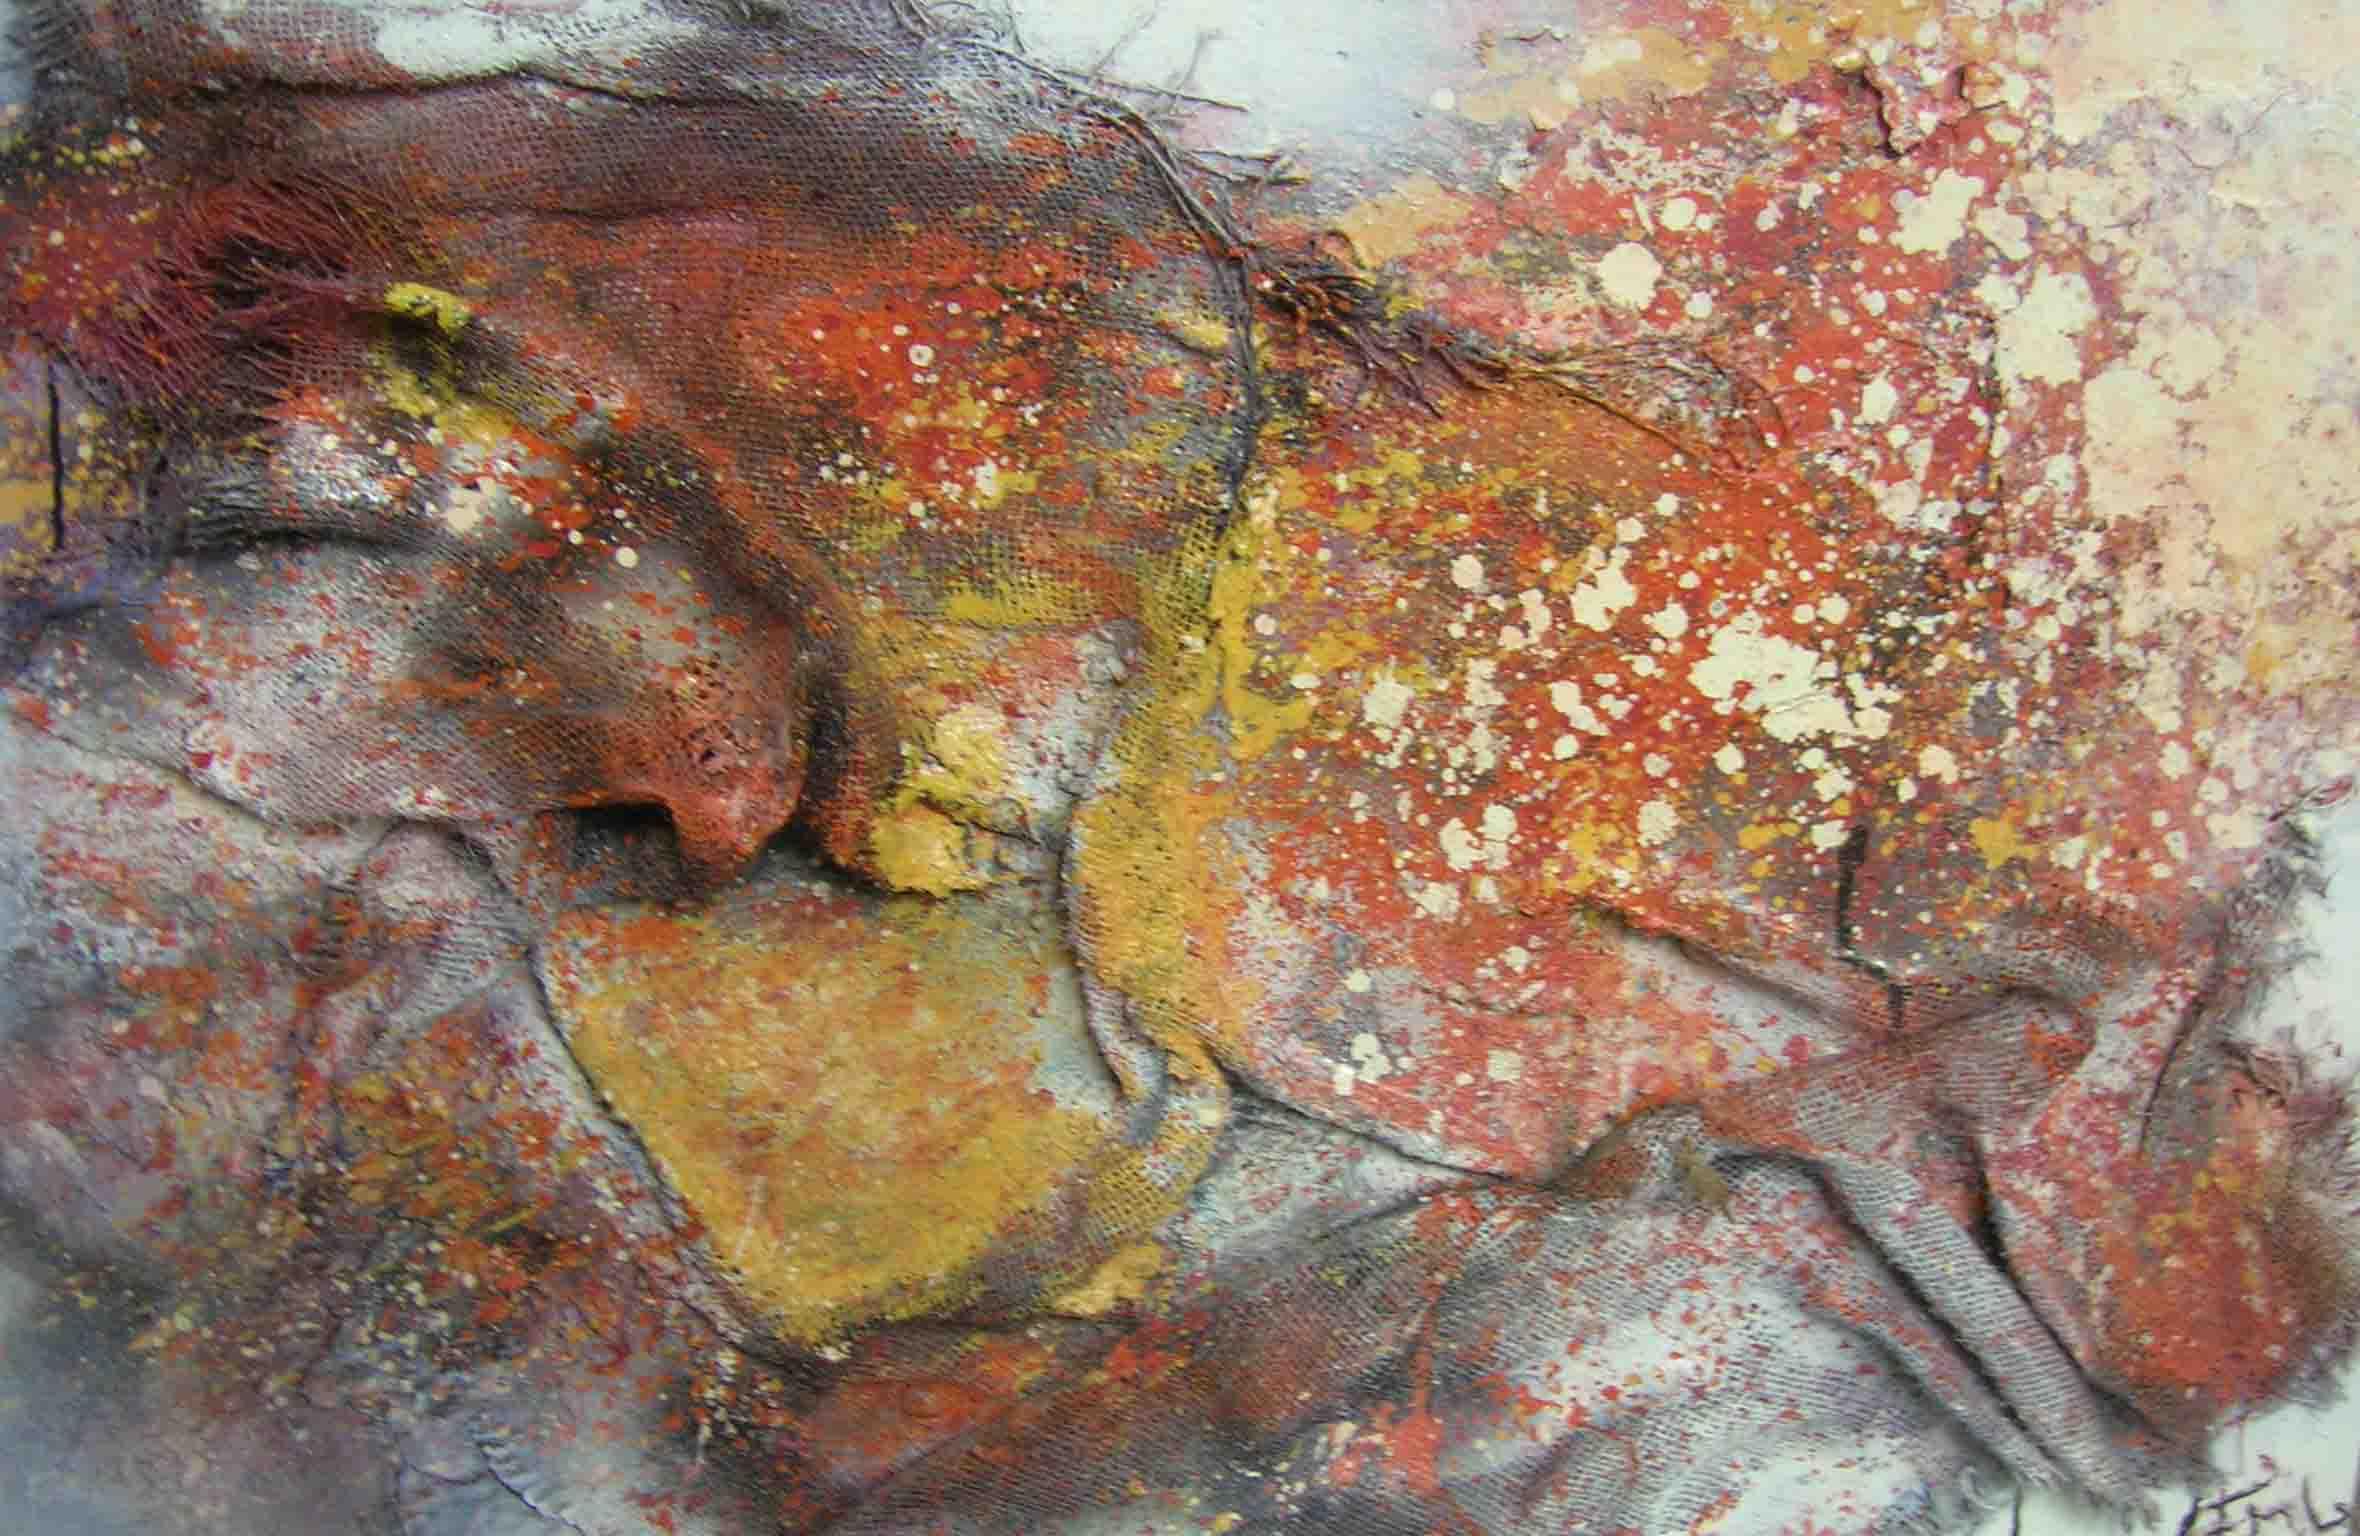 tableau abstrait decadence en toile de jutte avec du orange et du rouge